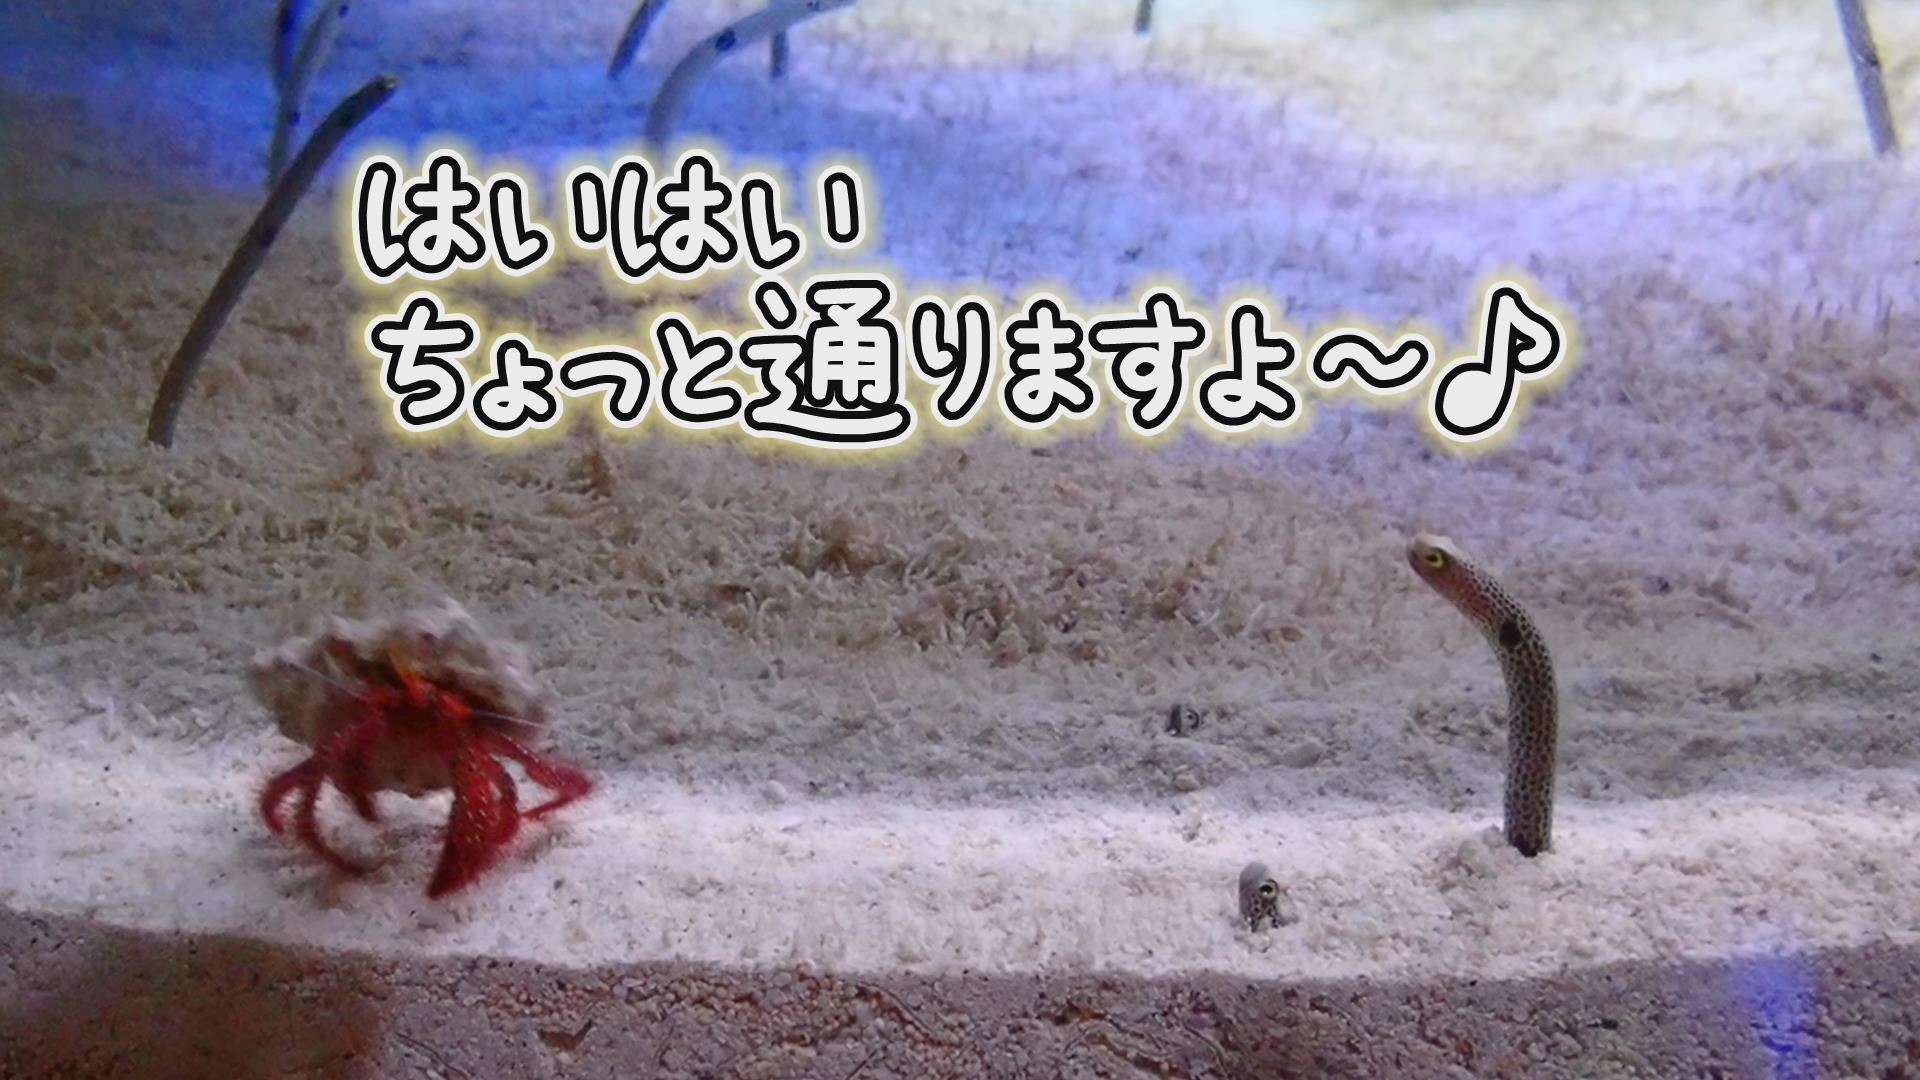 『はいはいちょっと通りますよ〜♫』いおワールド かごしま水族館×海と日本PROJECT in 鹿児島